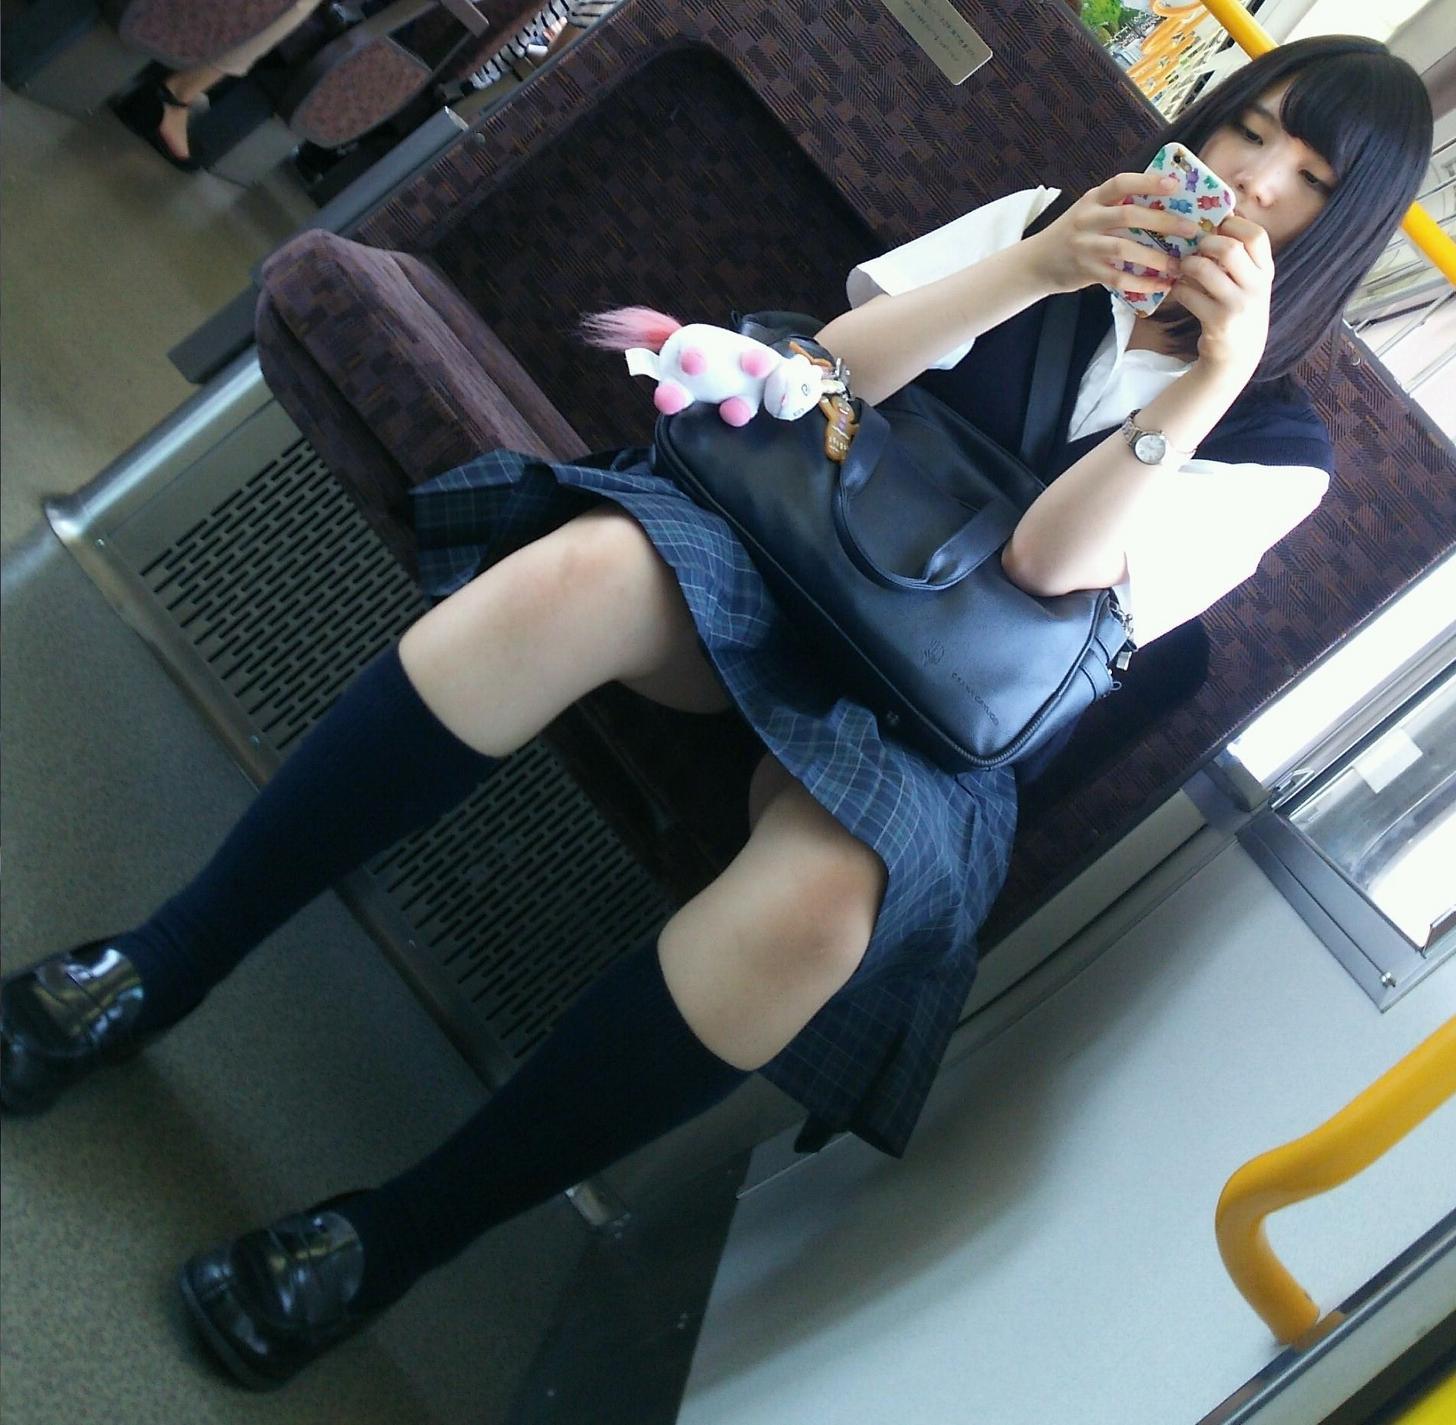 【画像】電車で女子高生チラチラ見てる成人男性ちょっとこいwww